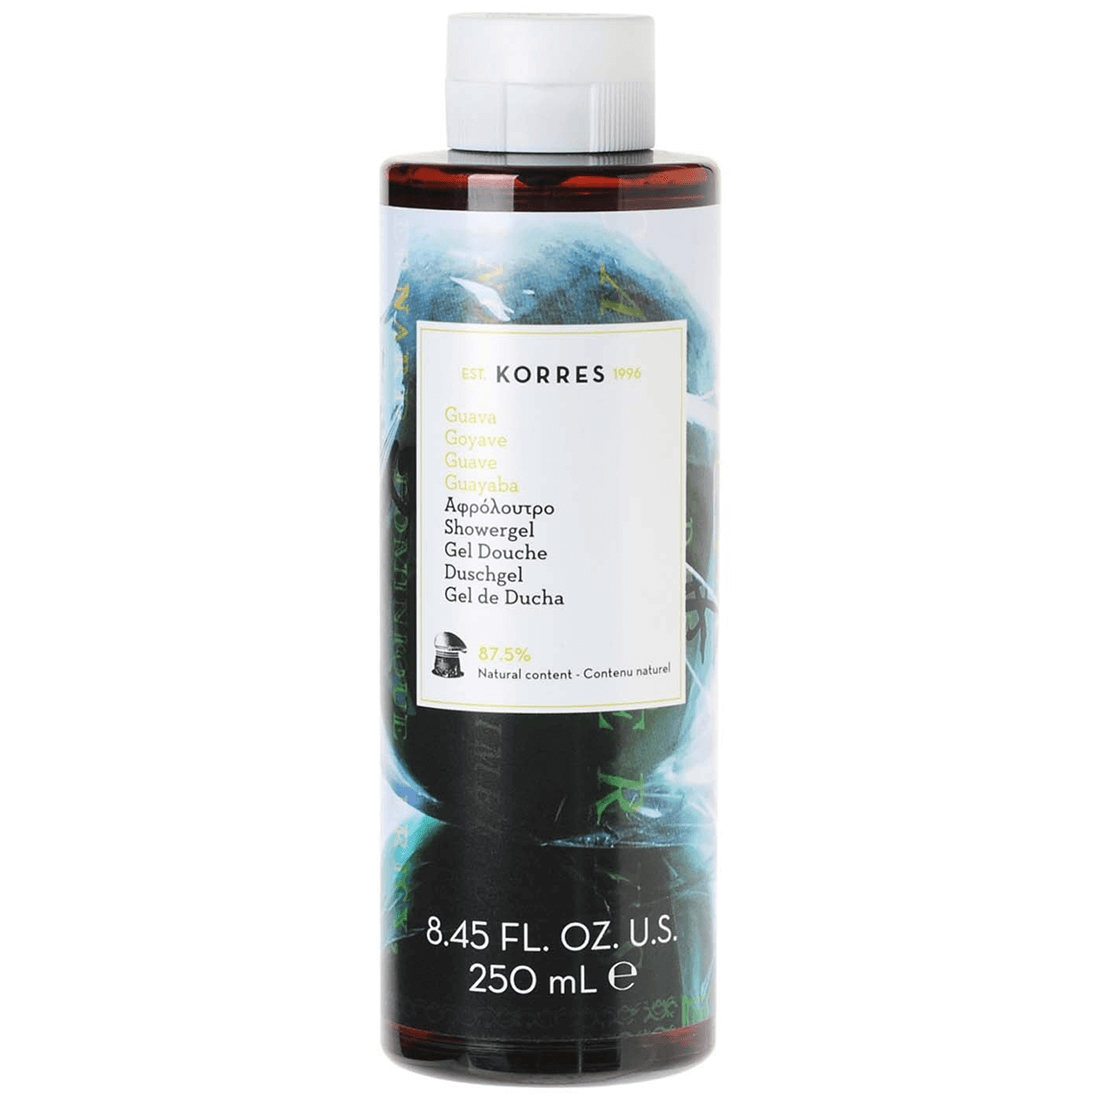 Mens Shower Gel - Korres Guava